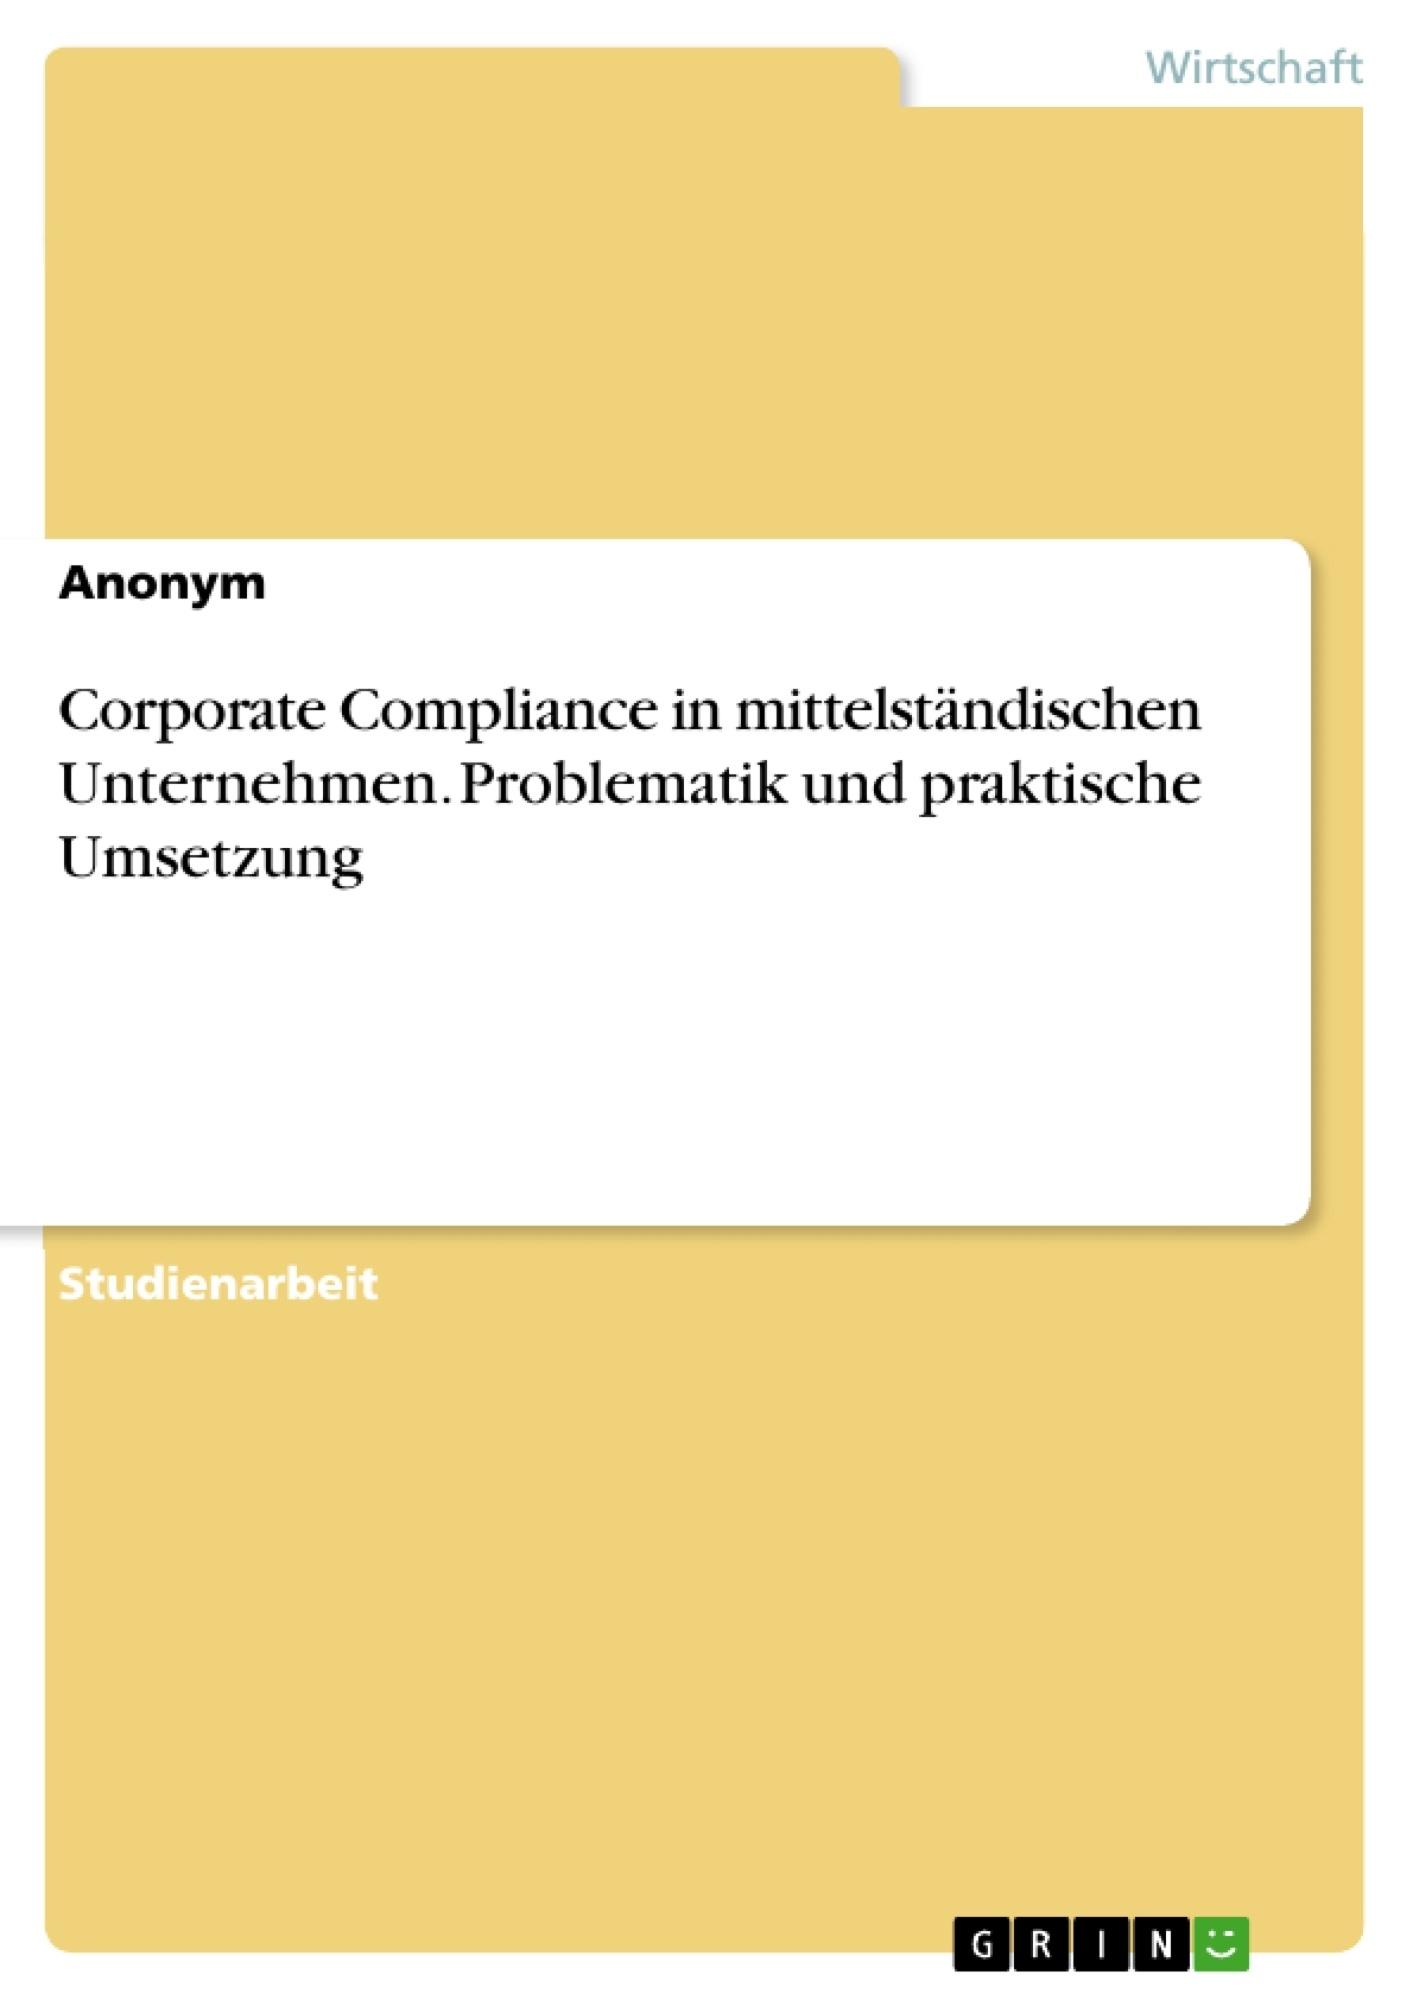 Titel: Corporate Compliance in mittelständischen Unternehmen. Problematik und praktische Umsetzung